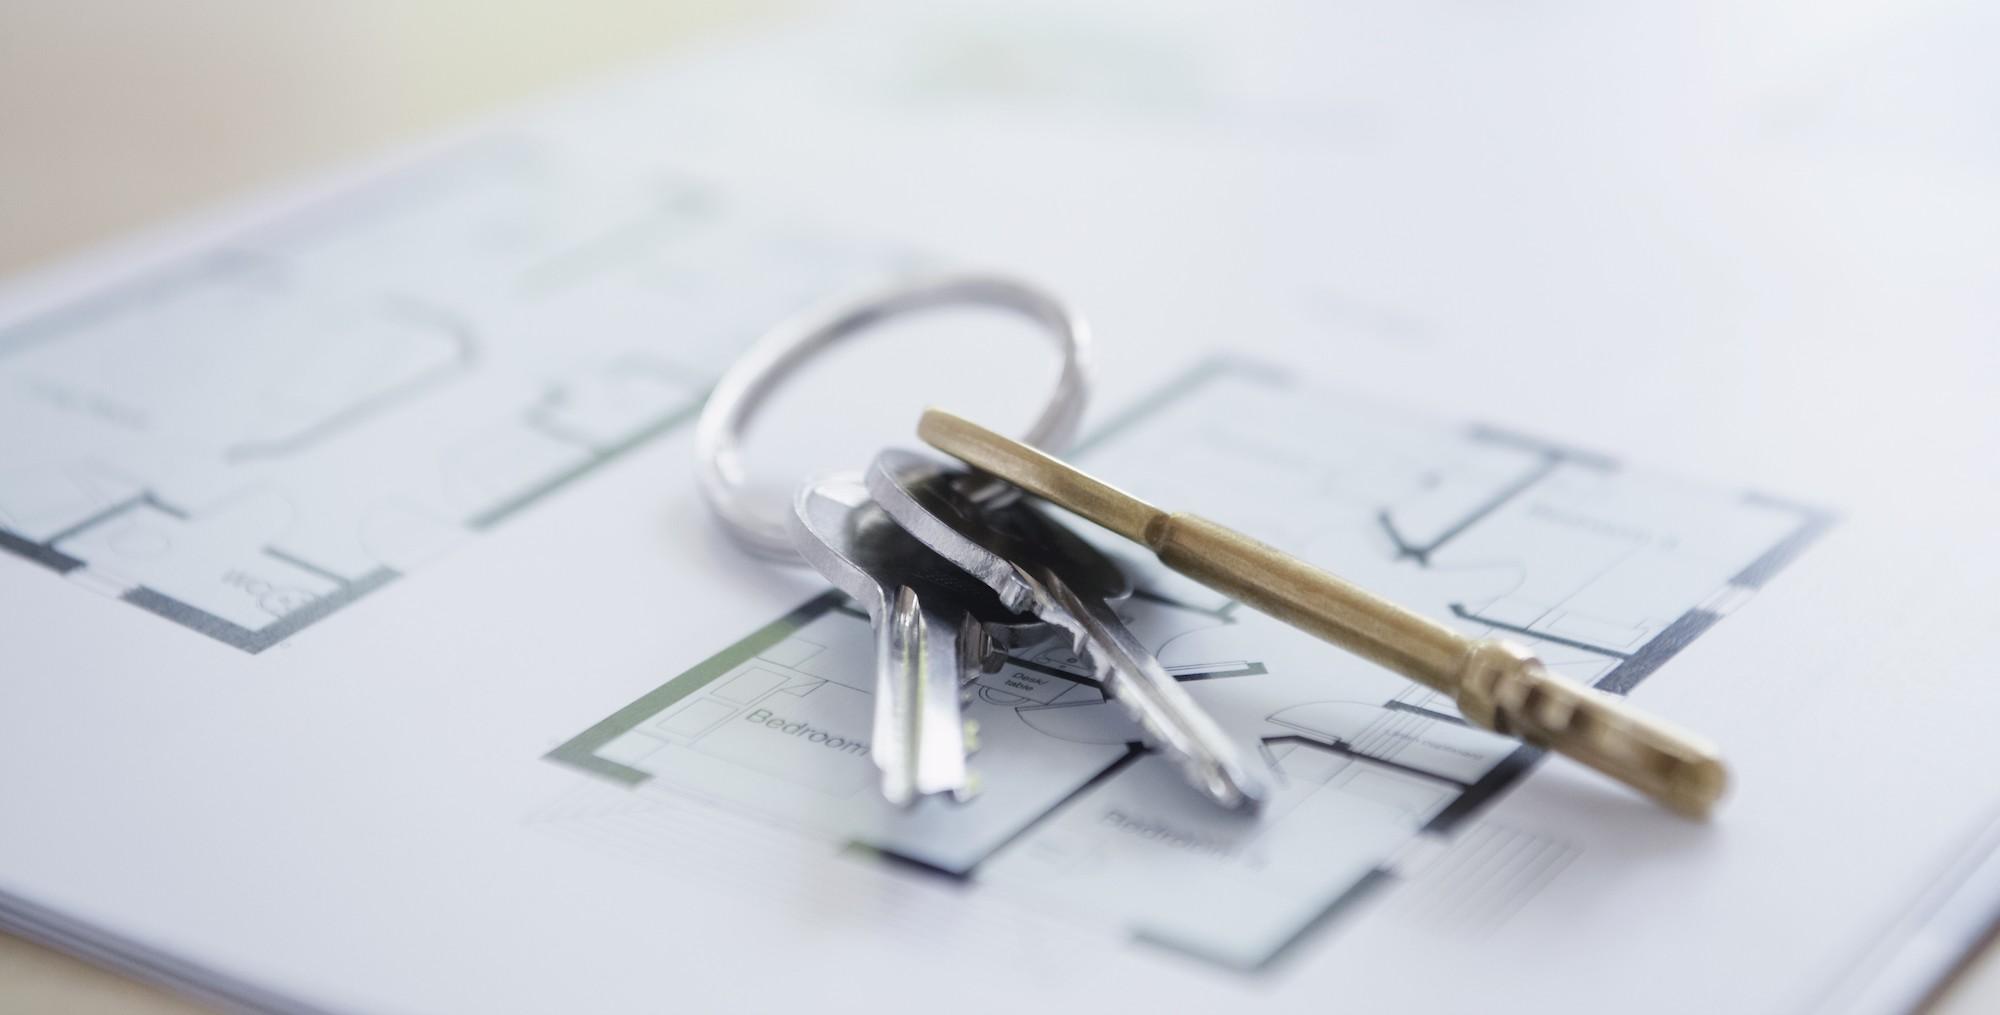 Clausula suelo persona juridica los no consumidores y for Validez acuerdo privado clausula suelo